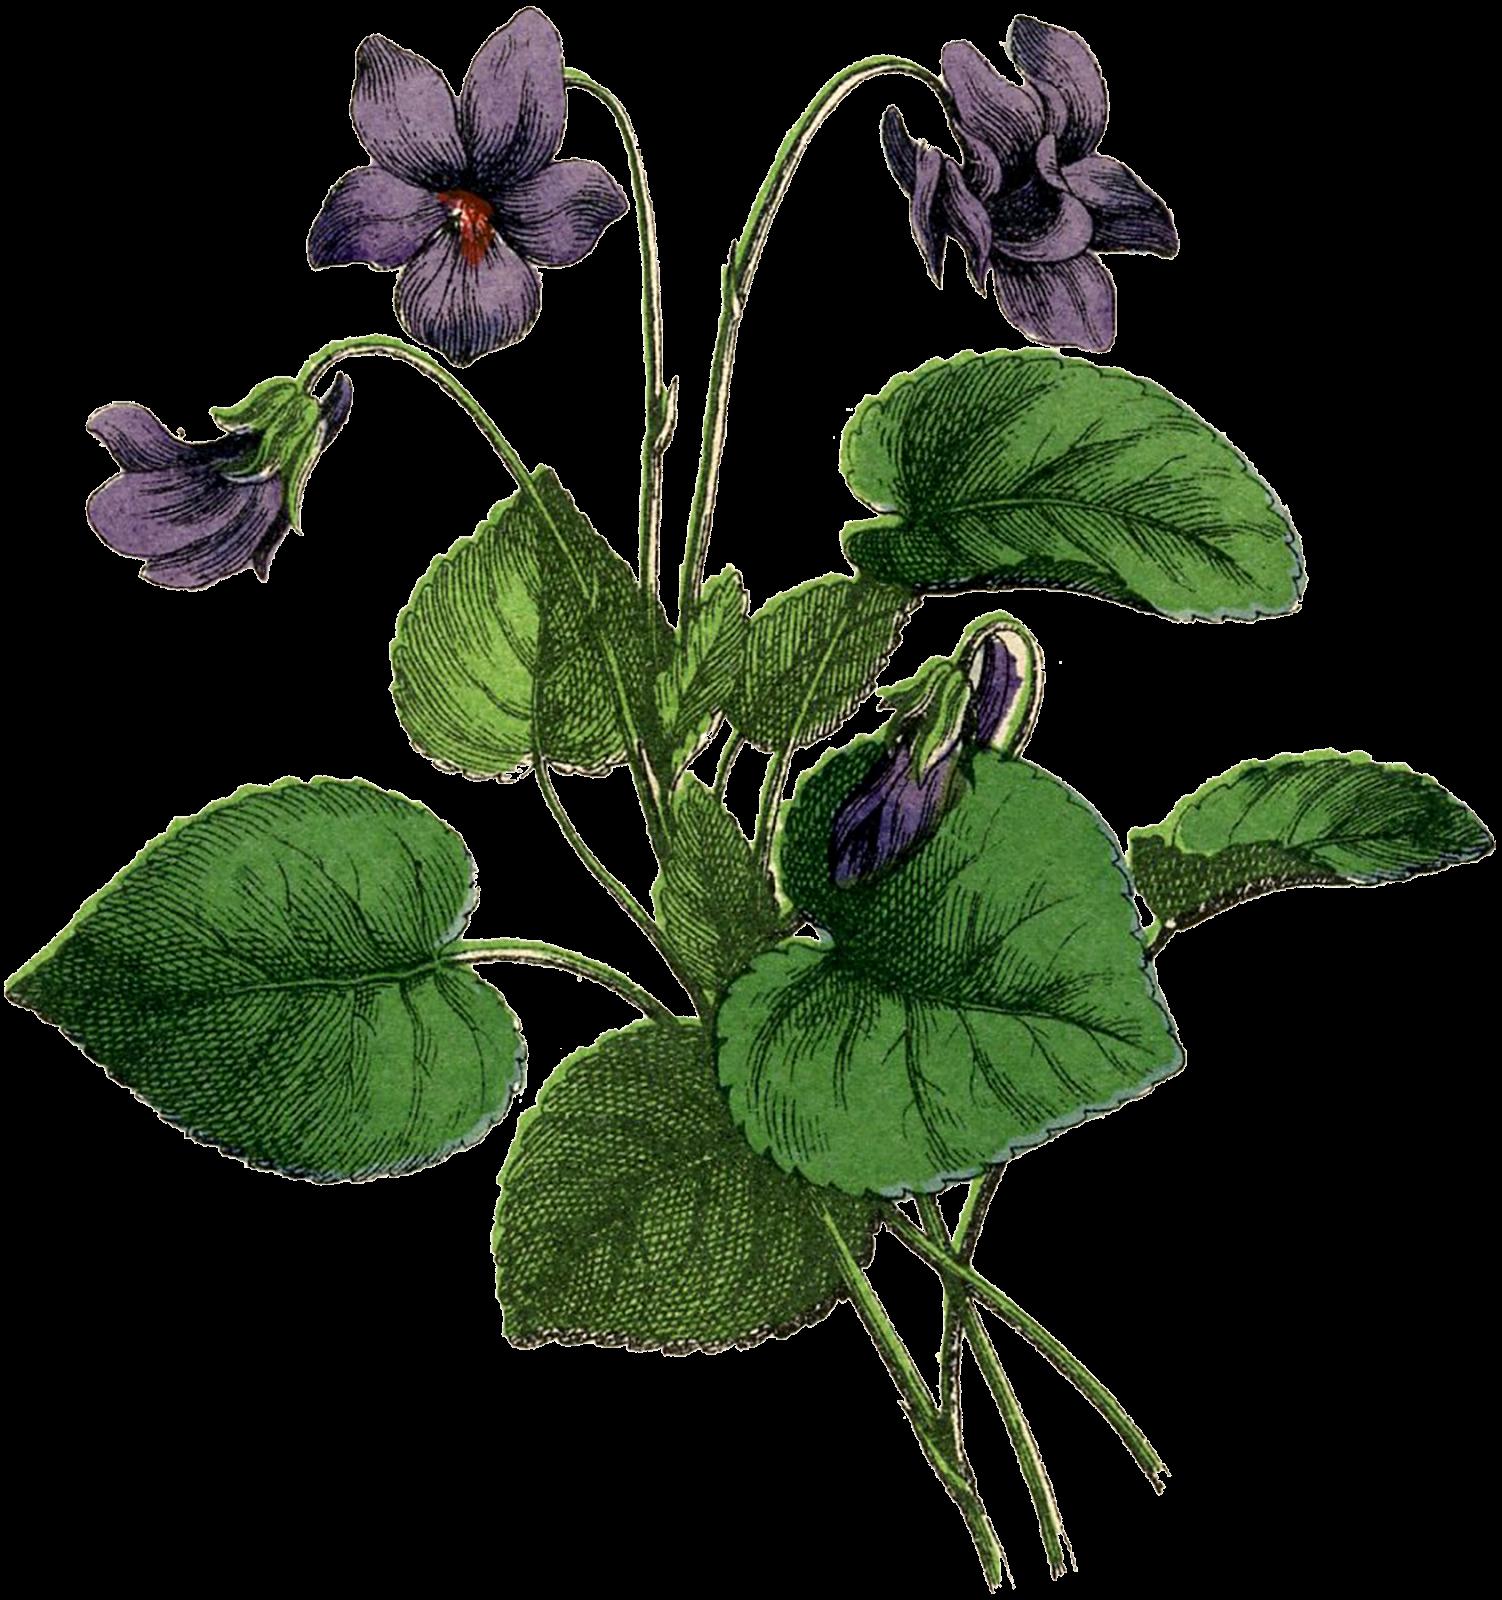 svg free stock African botanical illustration vintage. Violets drawing